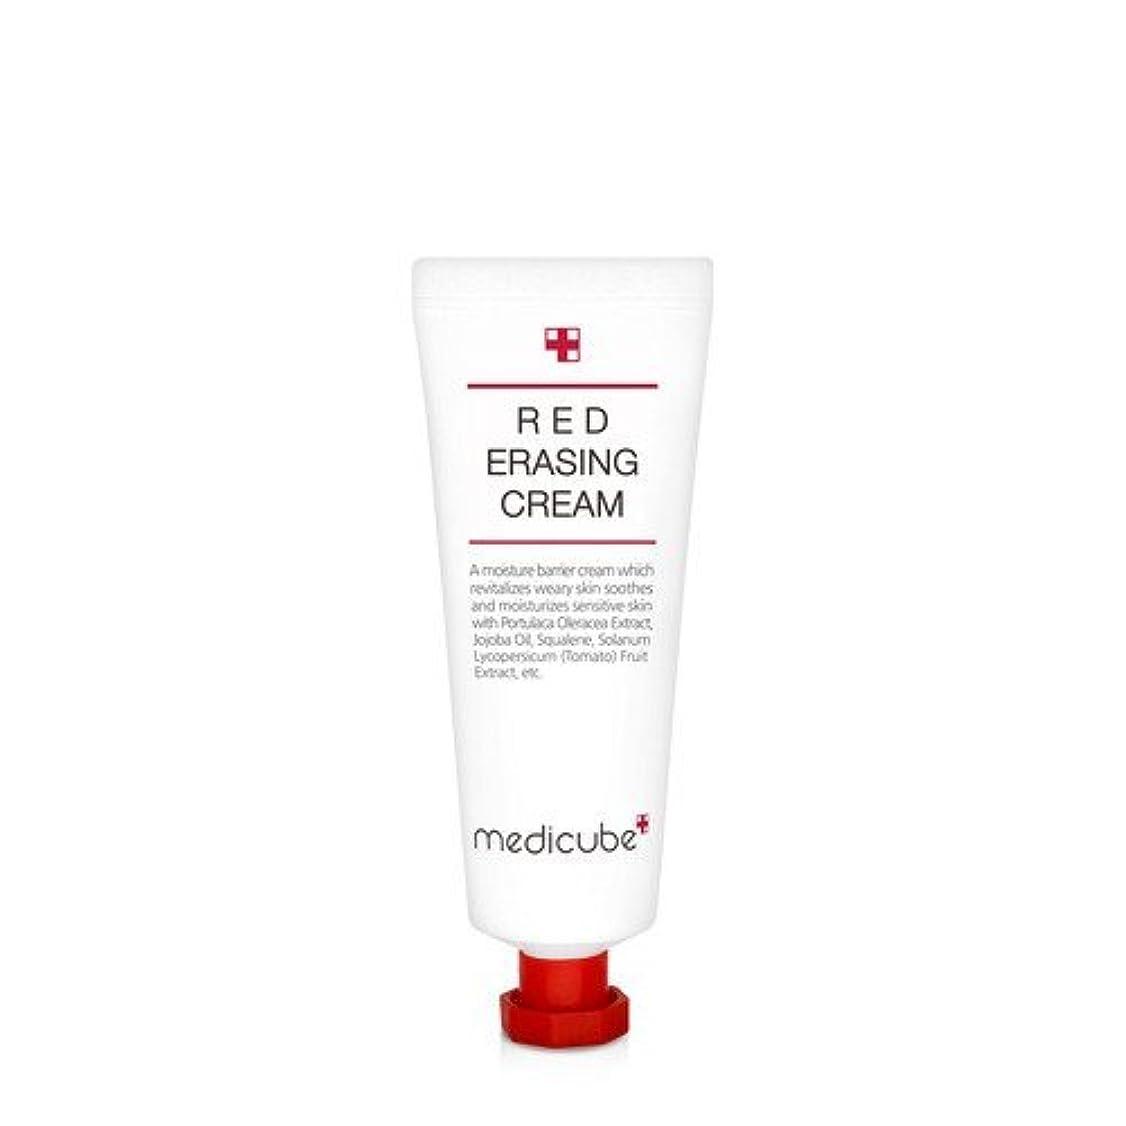 効率的にグループラベンダー[Medicube]Red Erasing Cream 50g / メディキューブレッドイレイジングクリーム / 正品?海外直送商品 [並行輸入品]